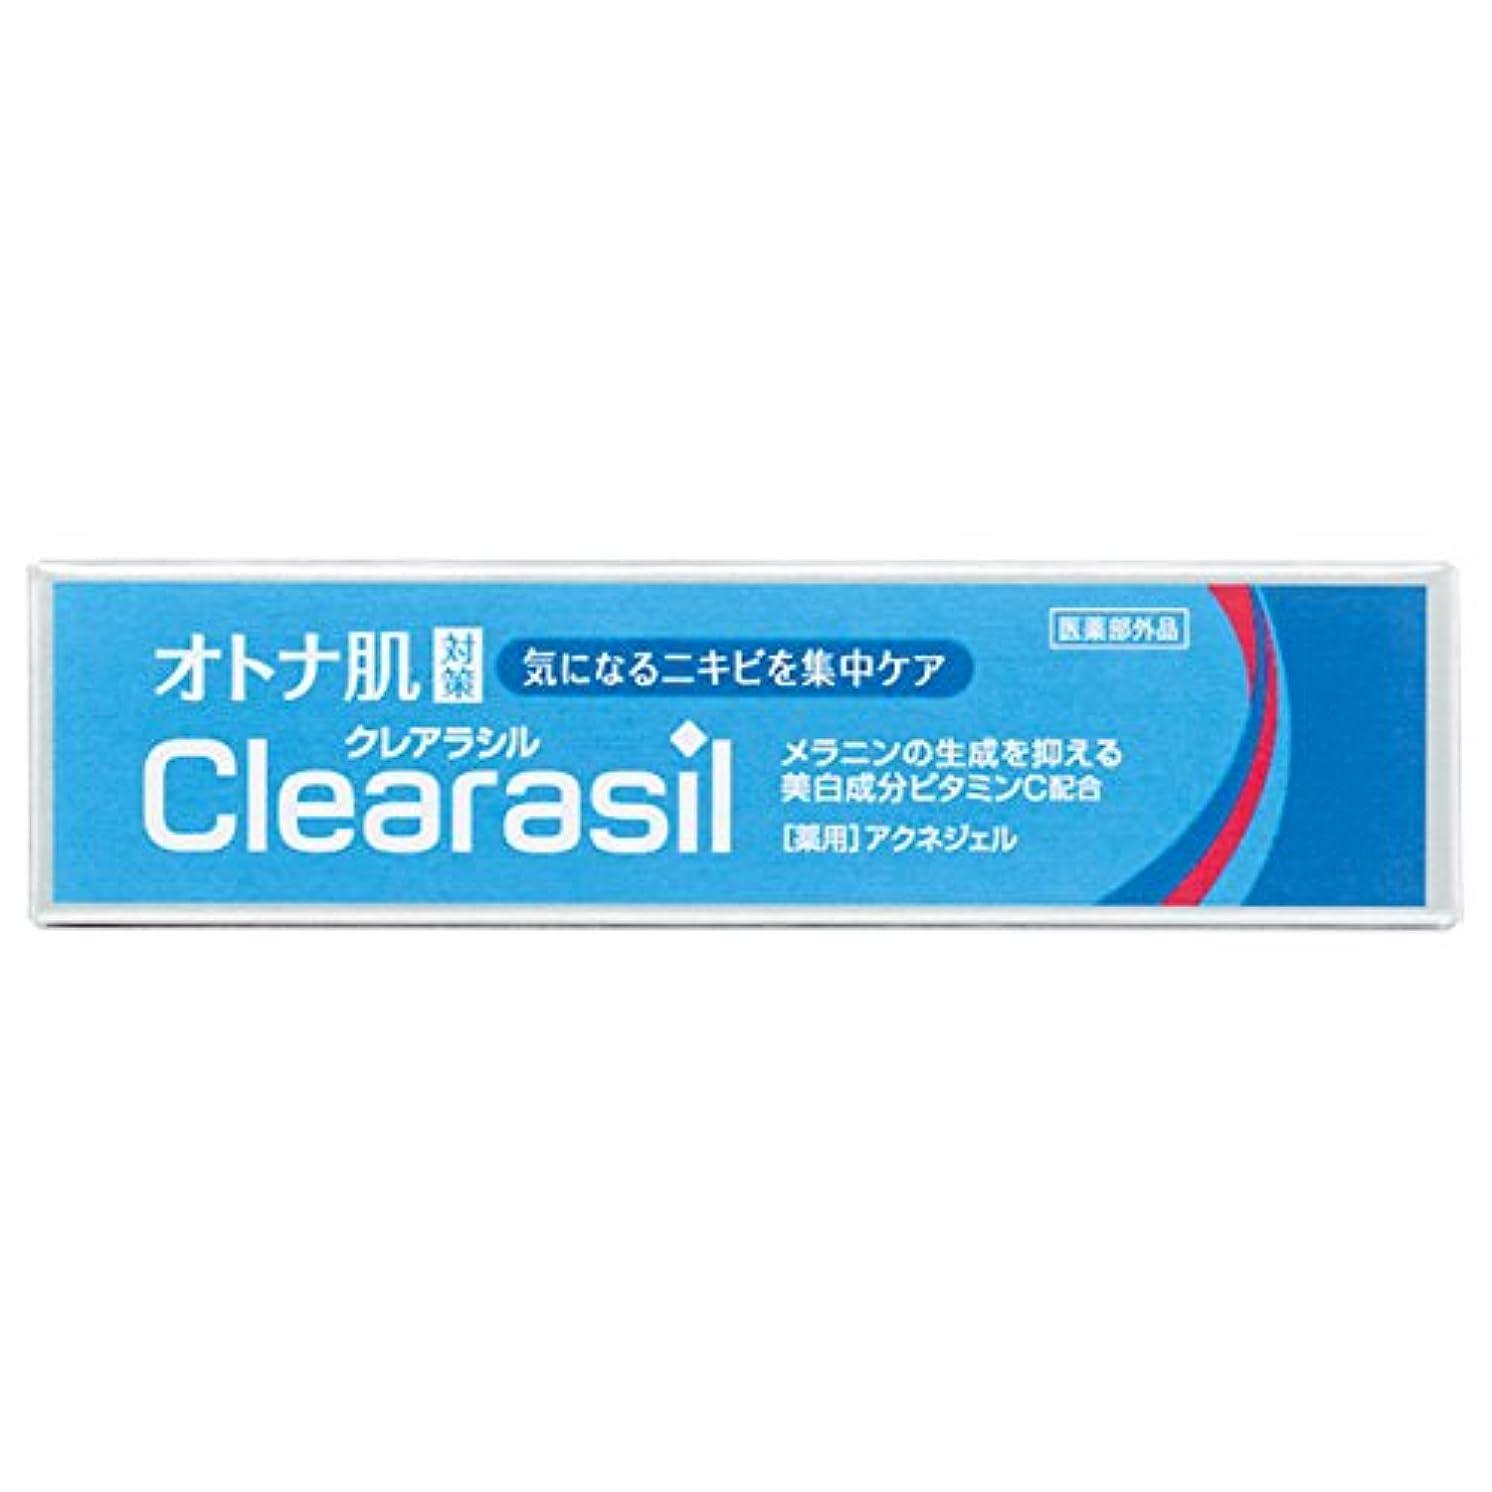 マーキーセールスマンビルダー【医薬部外品】クレアラシル オトナ肌対策 14G